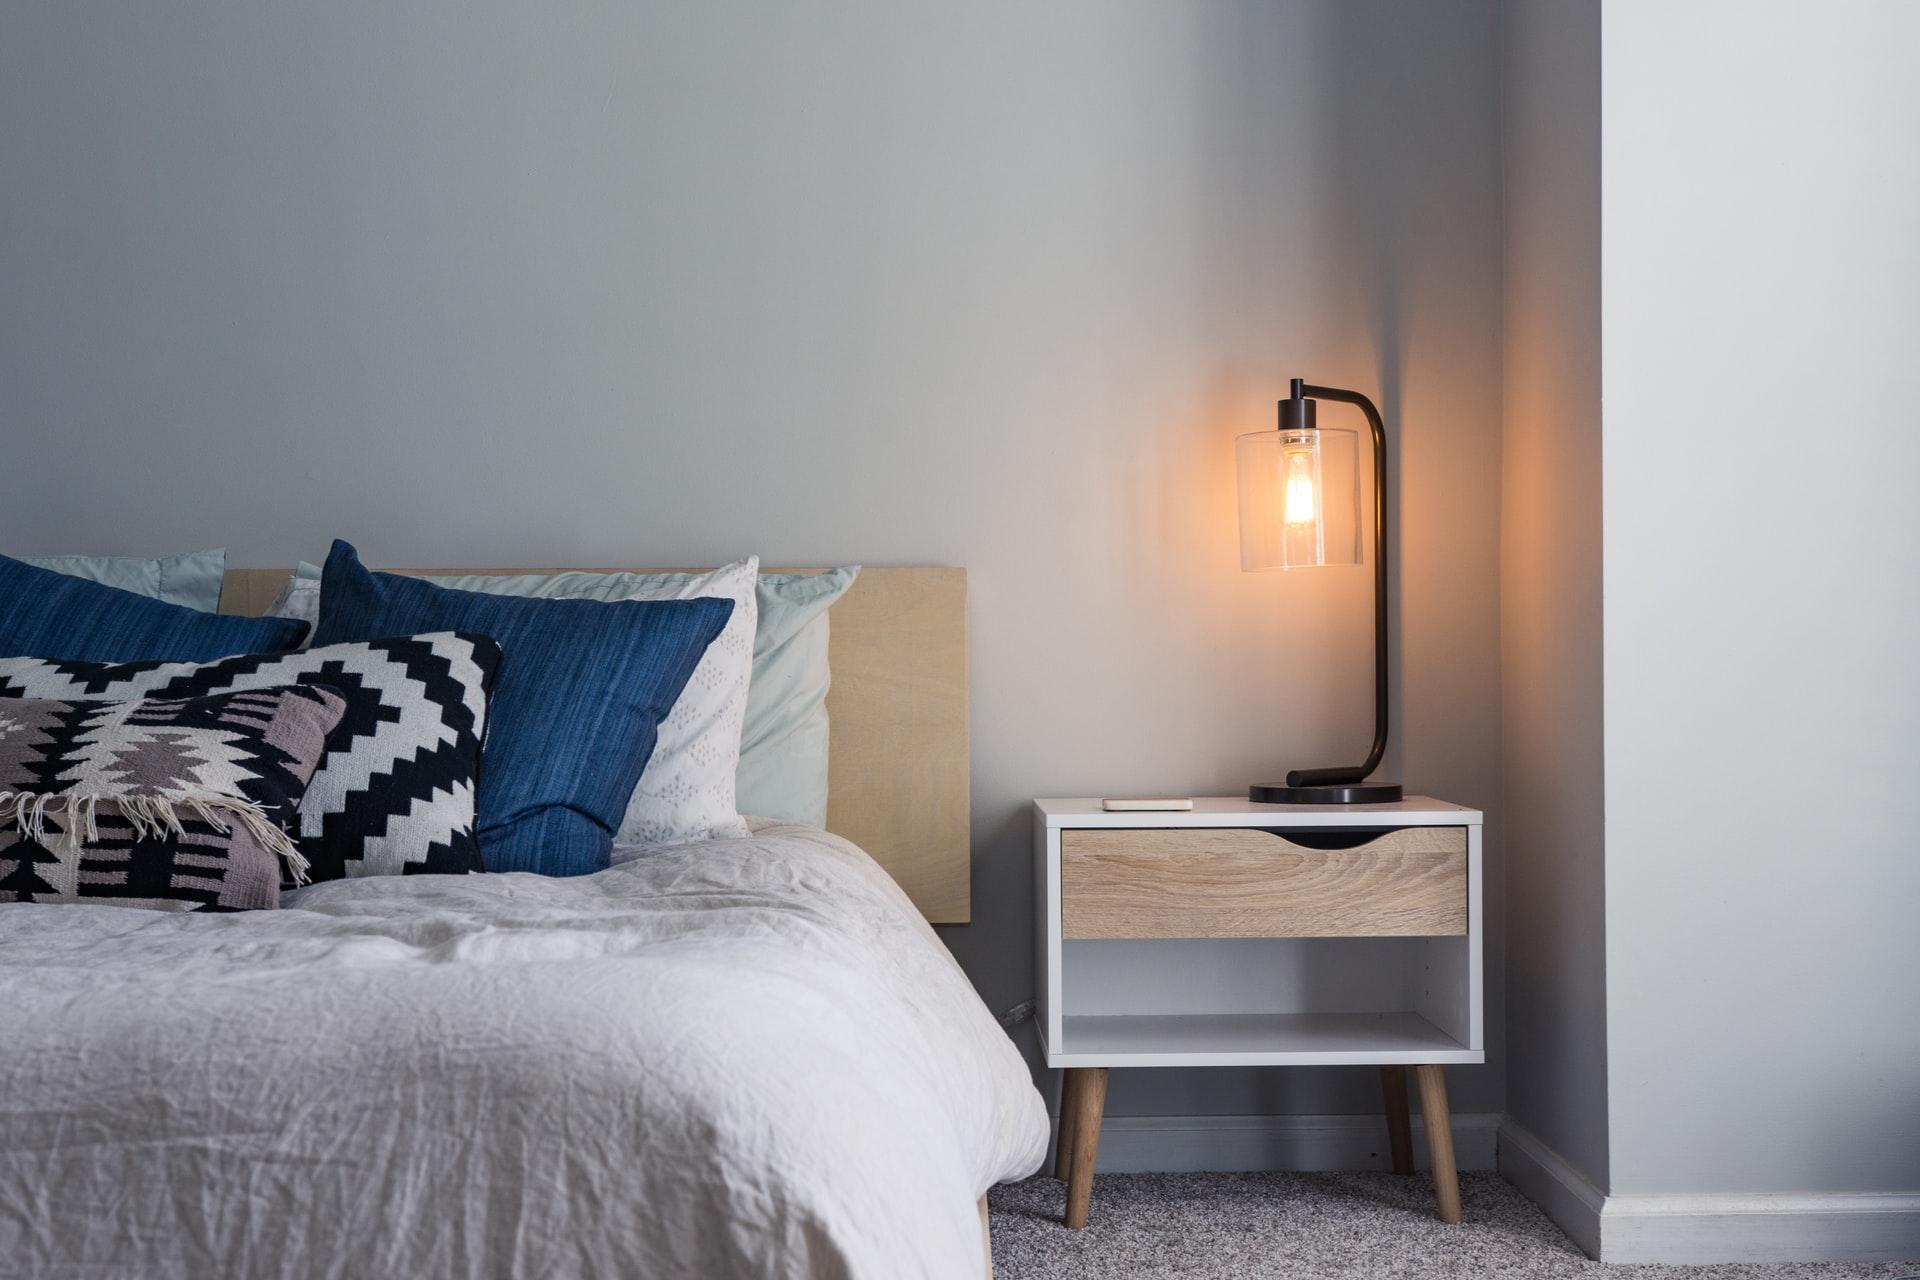 Toisin kuin ehkä ajattelit, Airbnb-vuokralaisen aiheuttama vahinko voi tulla taloyhtiön korvattavaksi